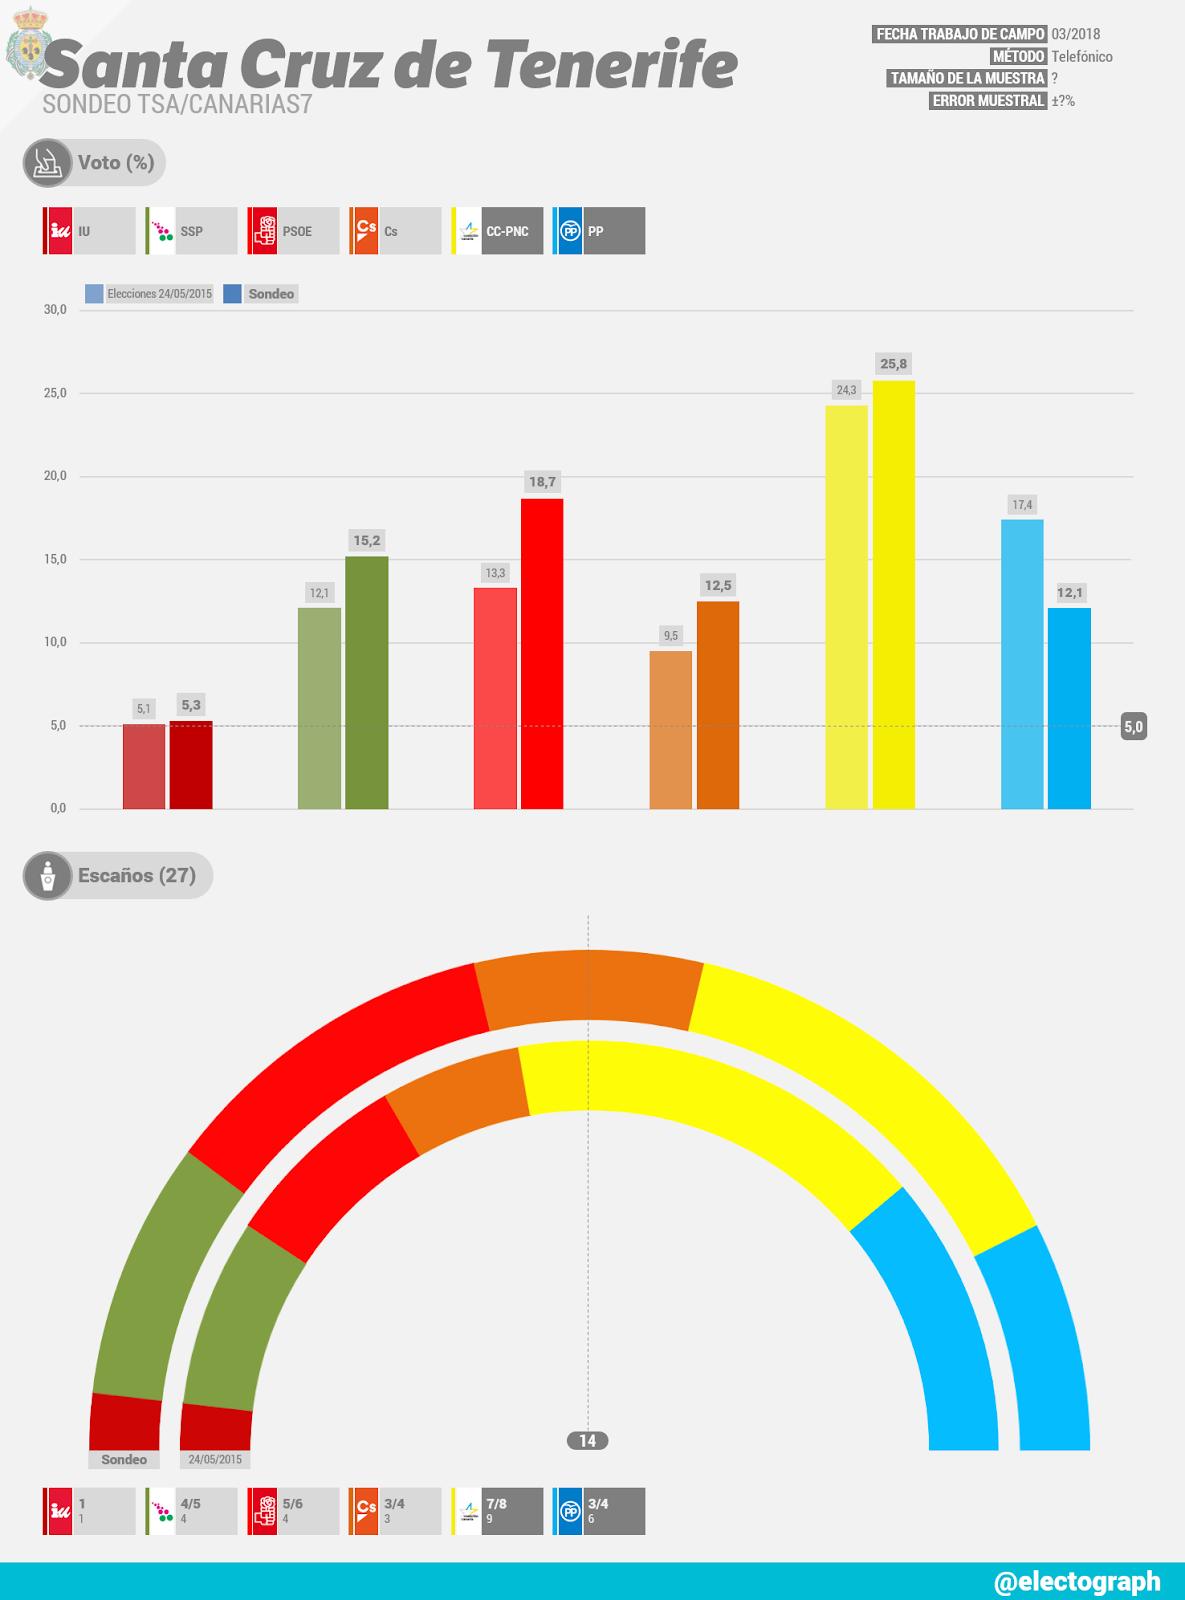 Gráfico de la encuesta para elecciones municipales en Santa Cruz de Tenerife realizada por TSA para Canarias7 en marzo de 2018